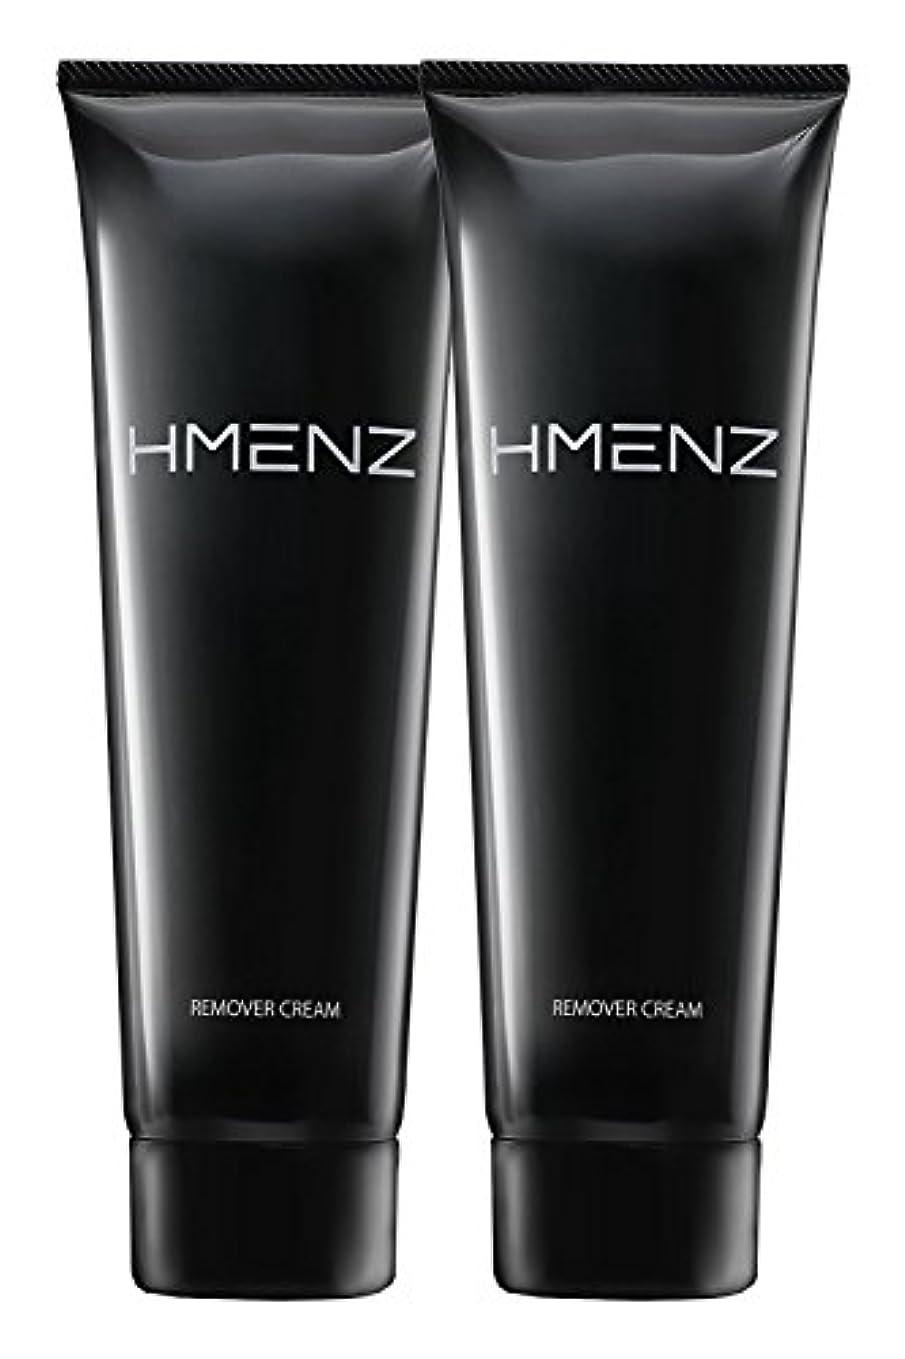 漁師手配するアマゾンジャングル医薬部外品 HMENZ メンズ 除毛クリーム 2個セット 陰部 使用可能 210g ×2